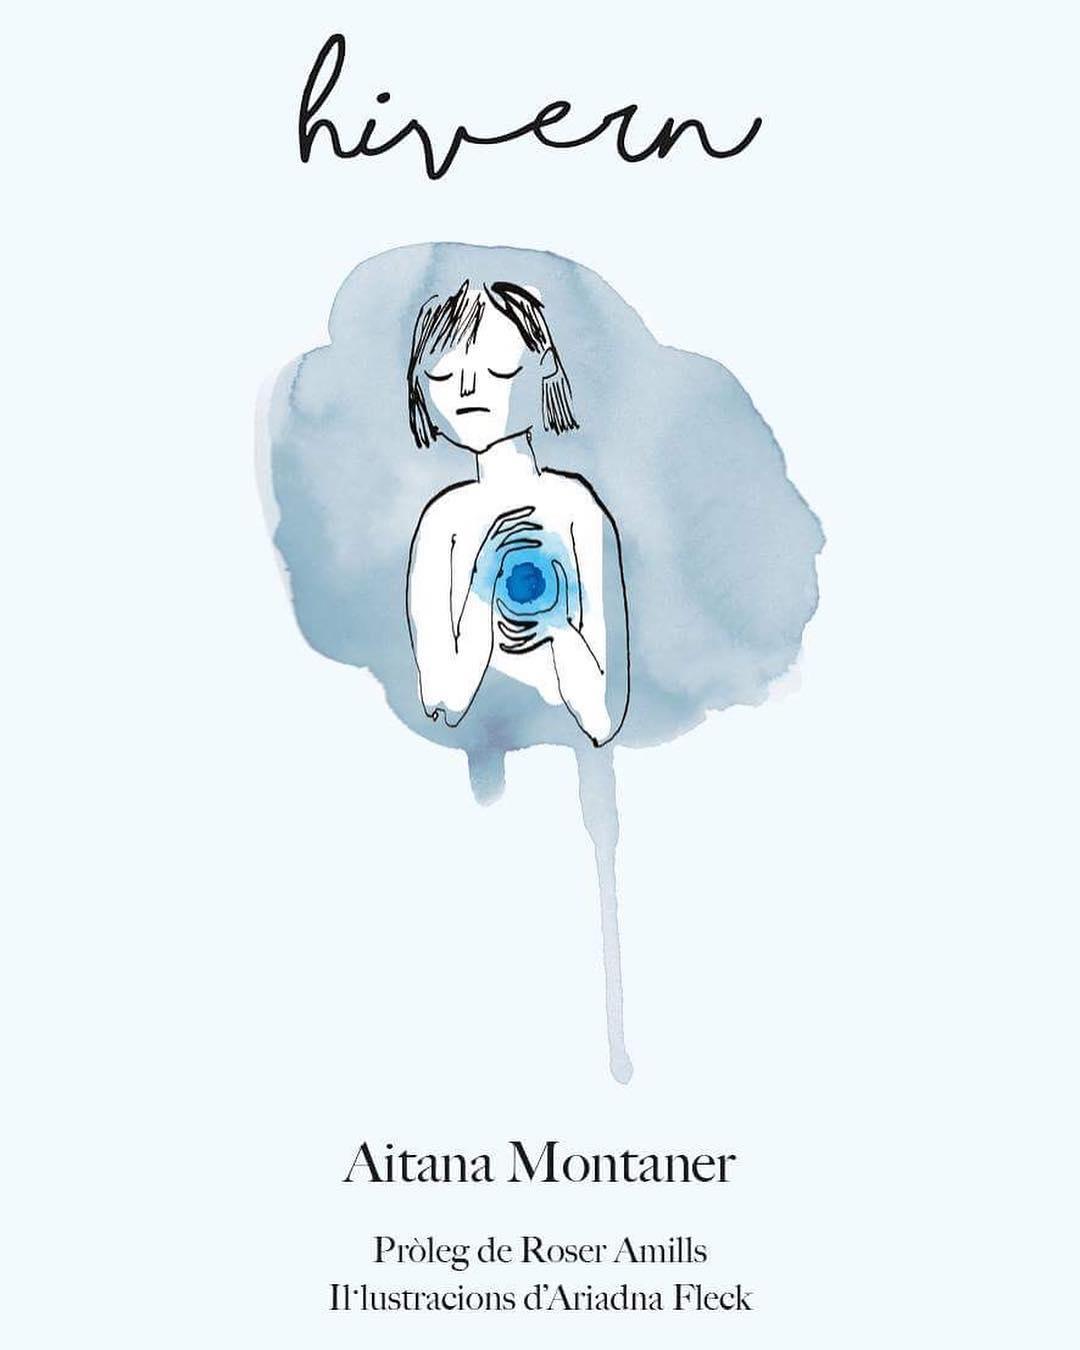 Hay poeta nueva en la ofici-na 🎉🎼 se llama @aitaner y es divi-na 🎼🥁